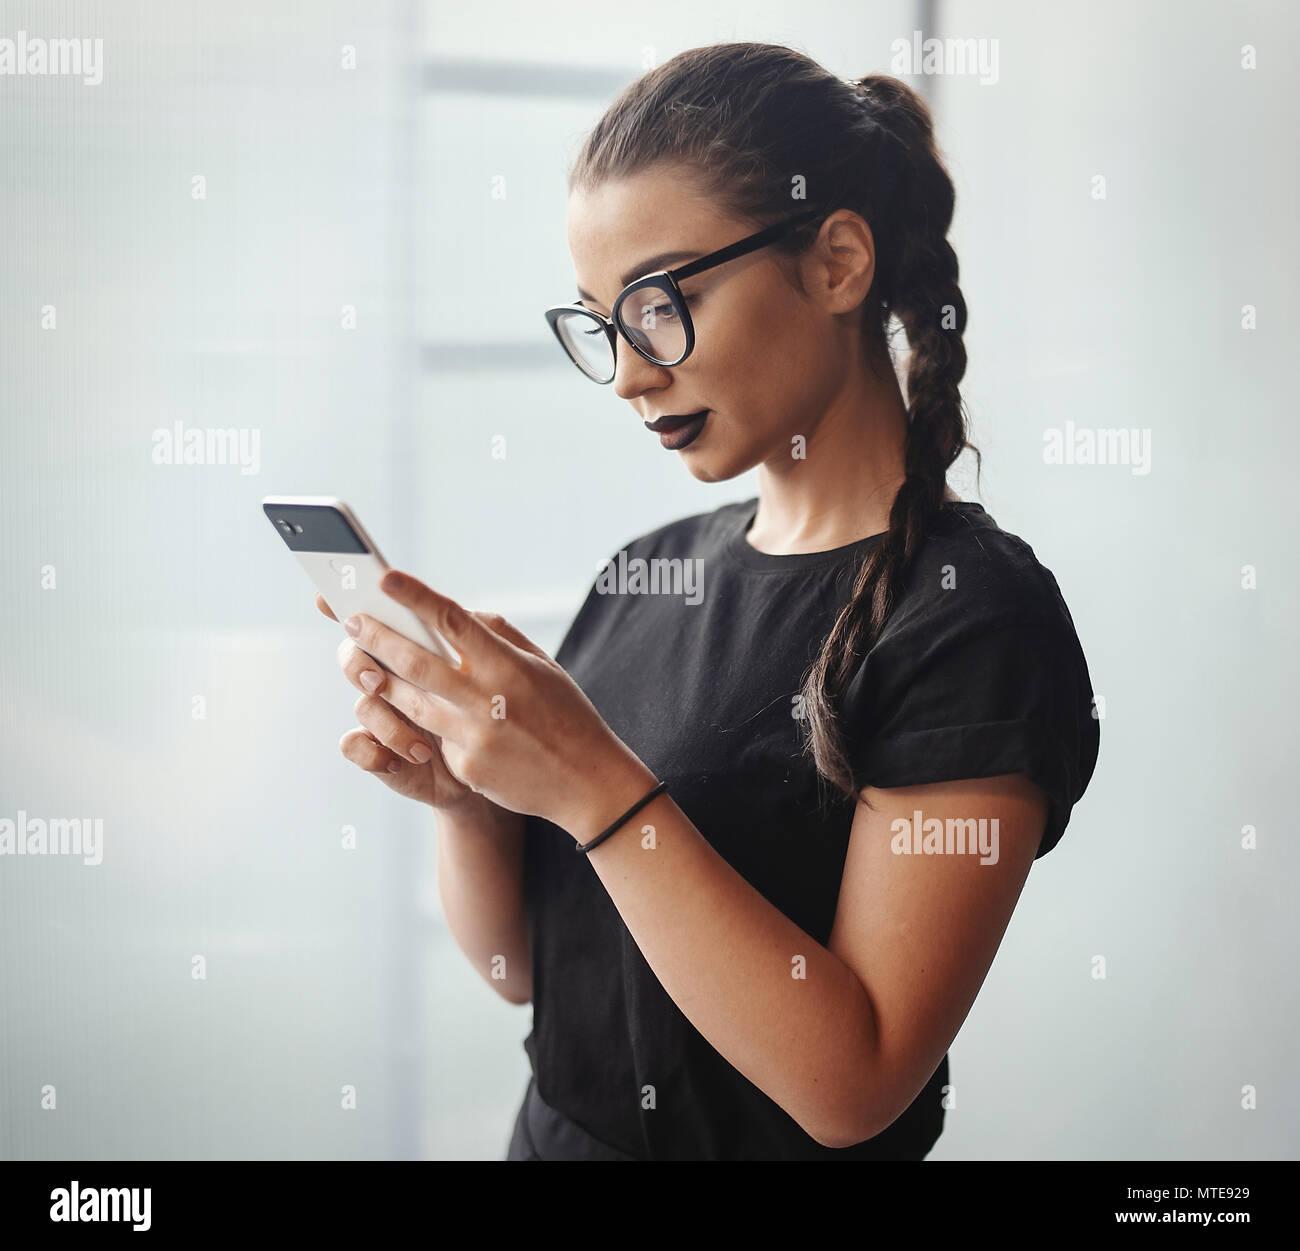 Junge brünette Mädchen mit Brille und schwarzen Lippenstift holding Handy Stockbild